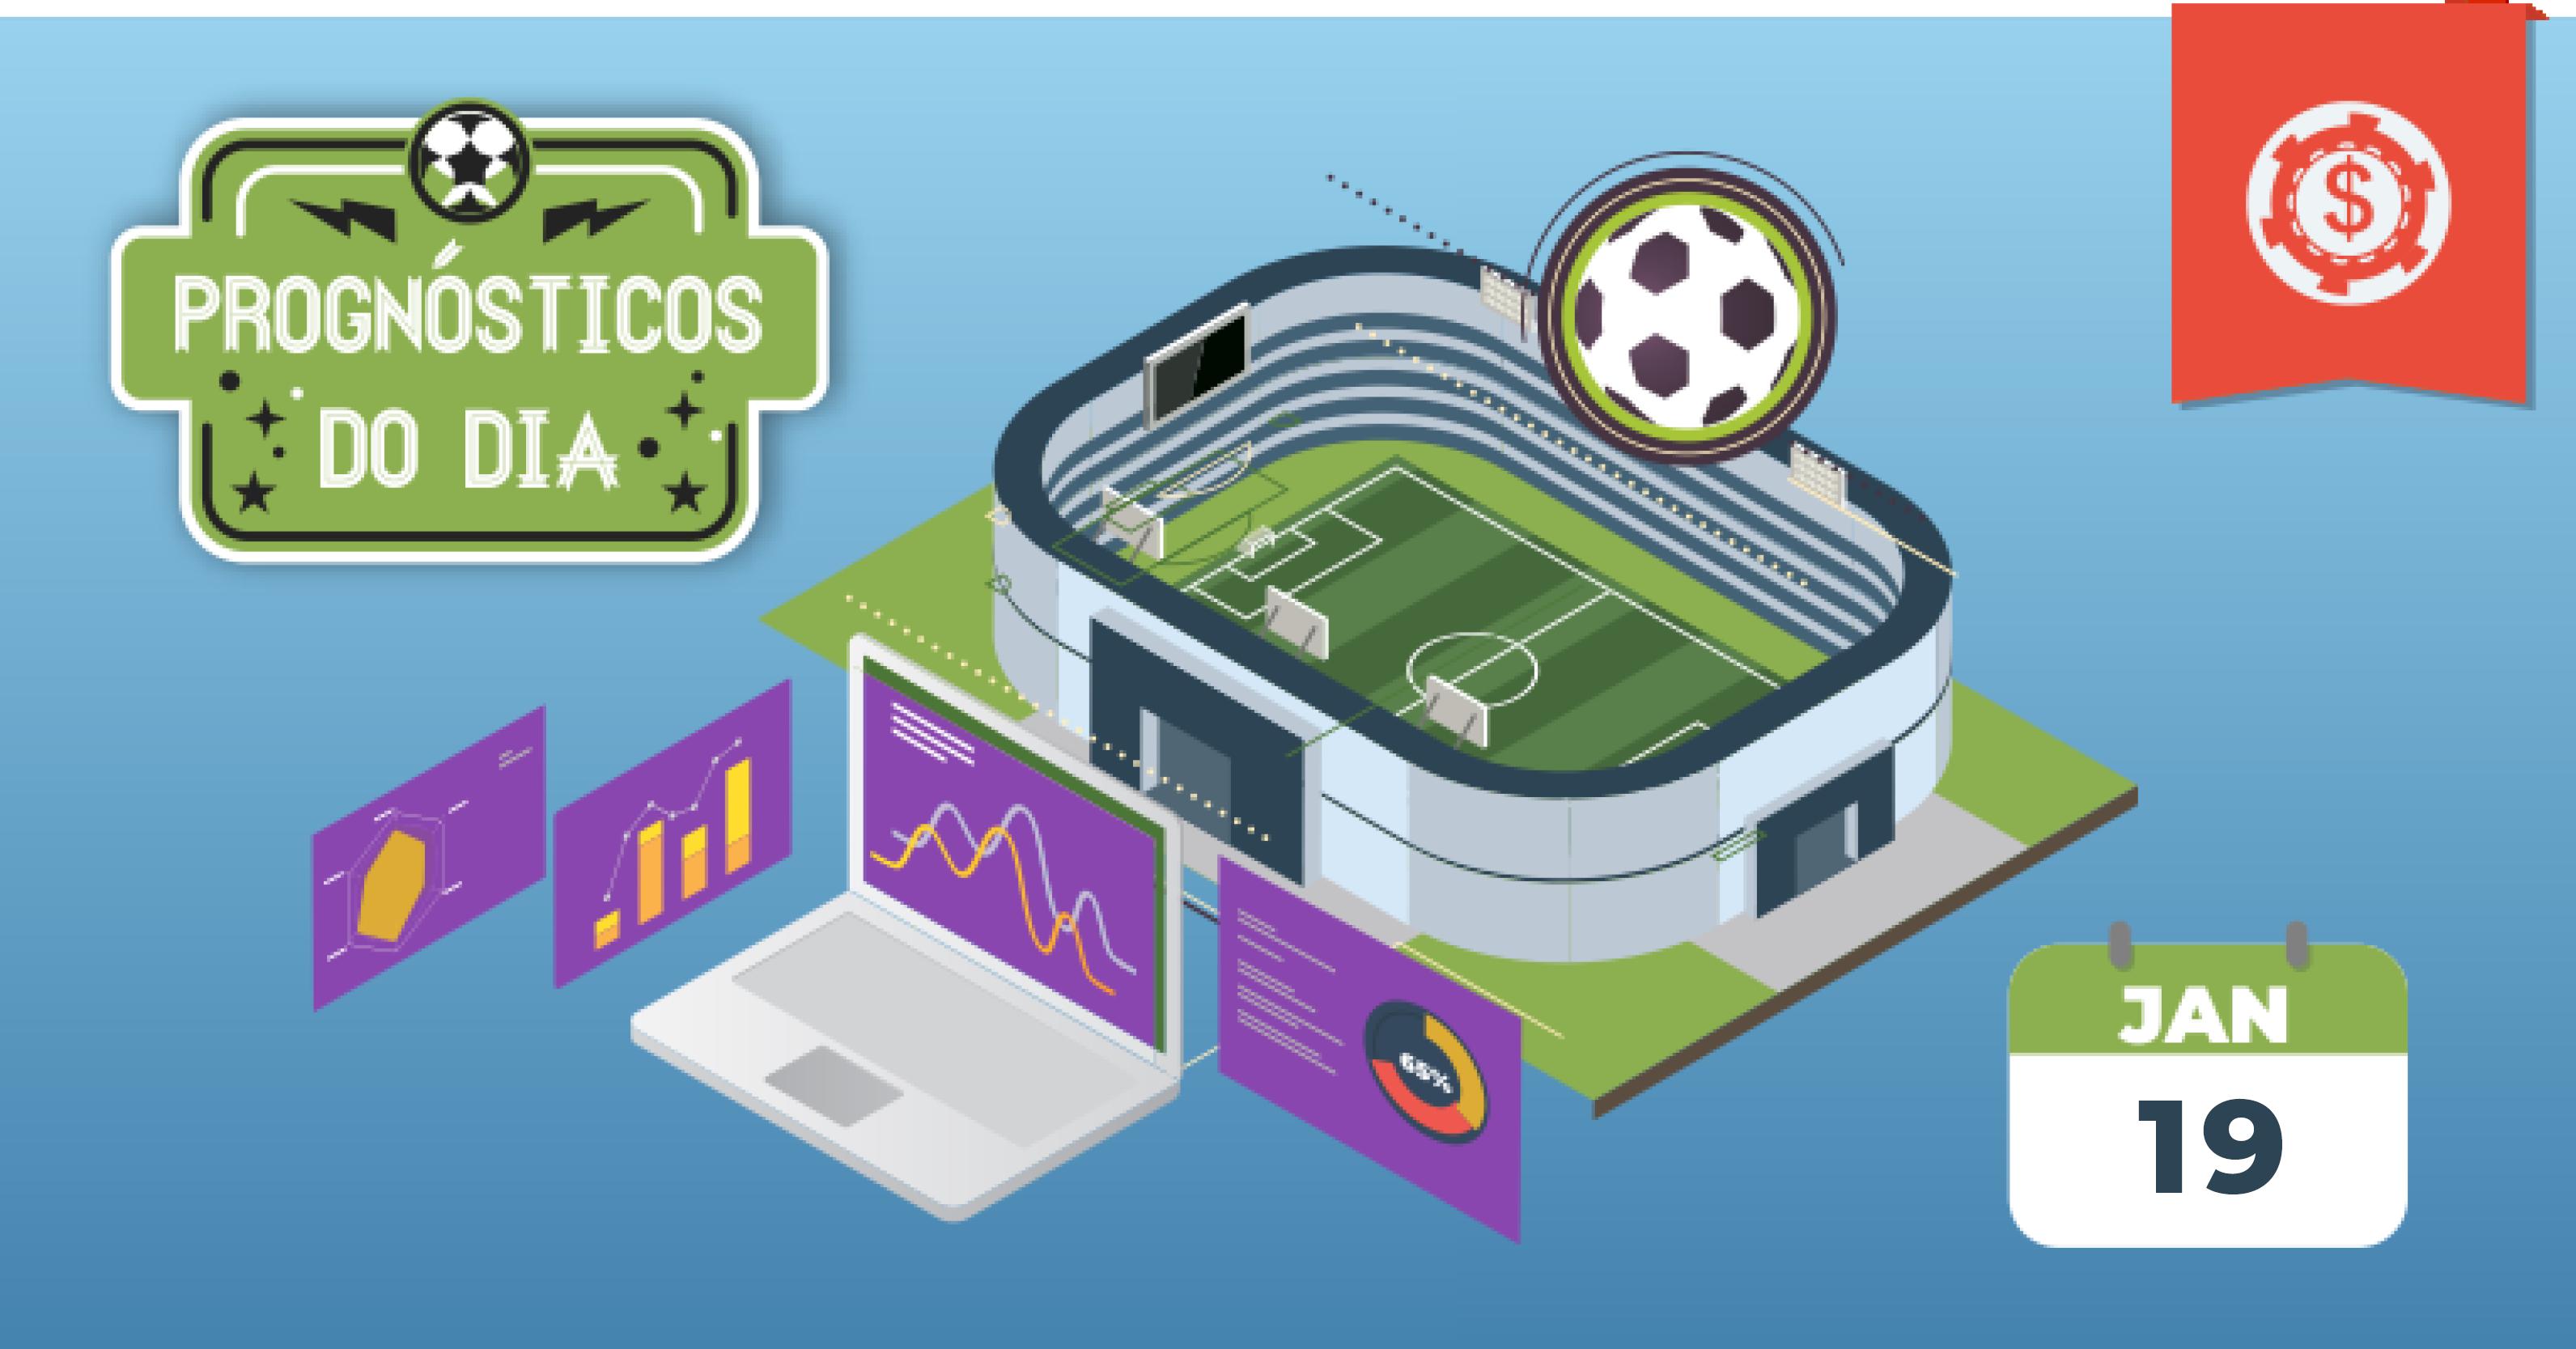 palpites-futebol-hoje-prognosticos-19-janeiro-2020